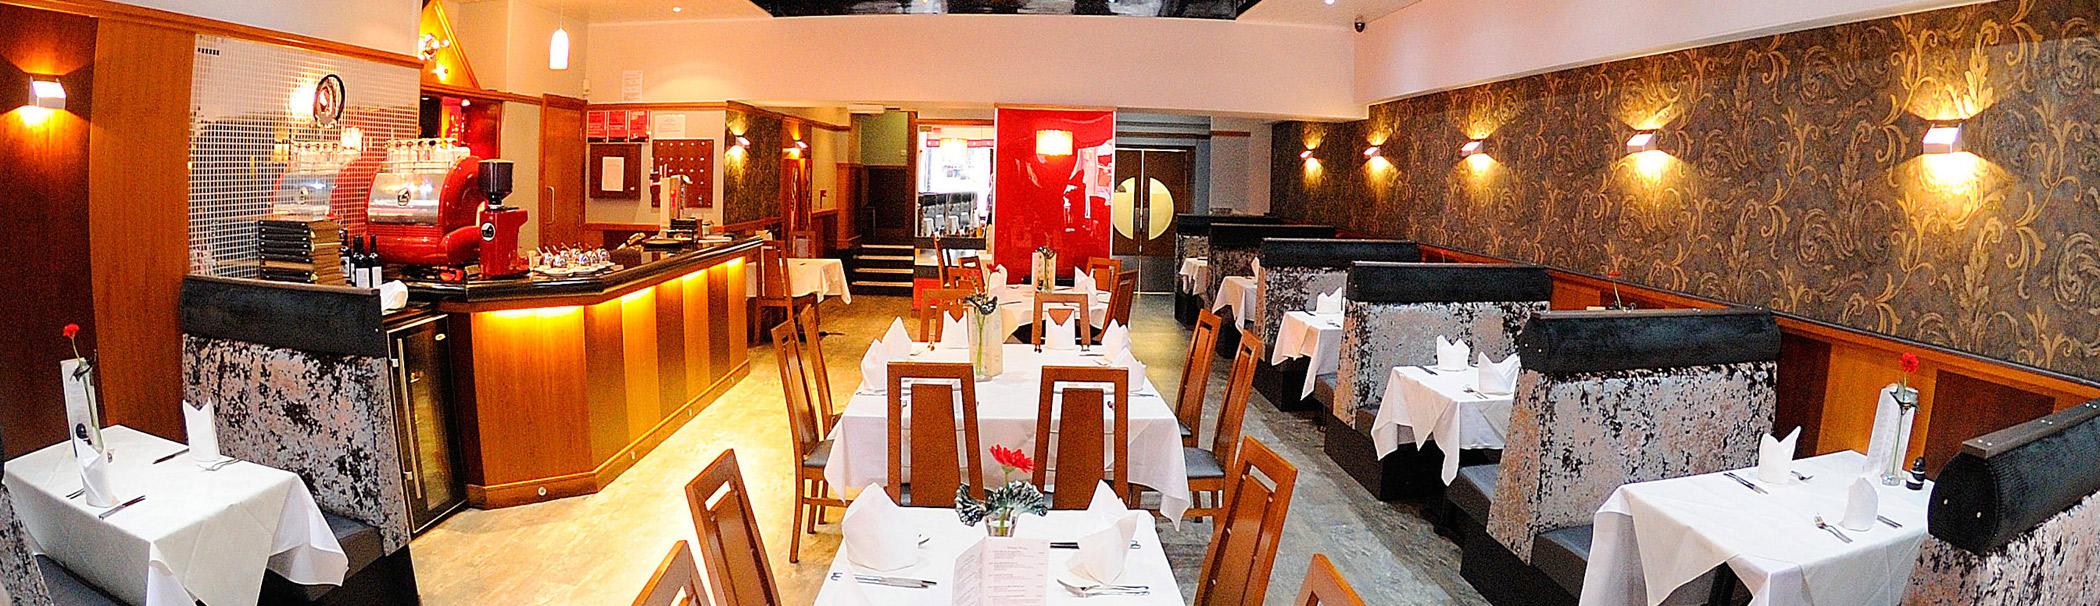 ranas stirling restaurant header